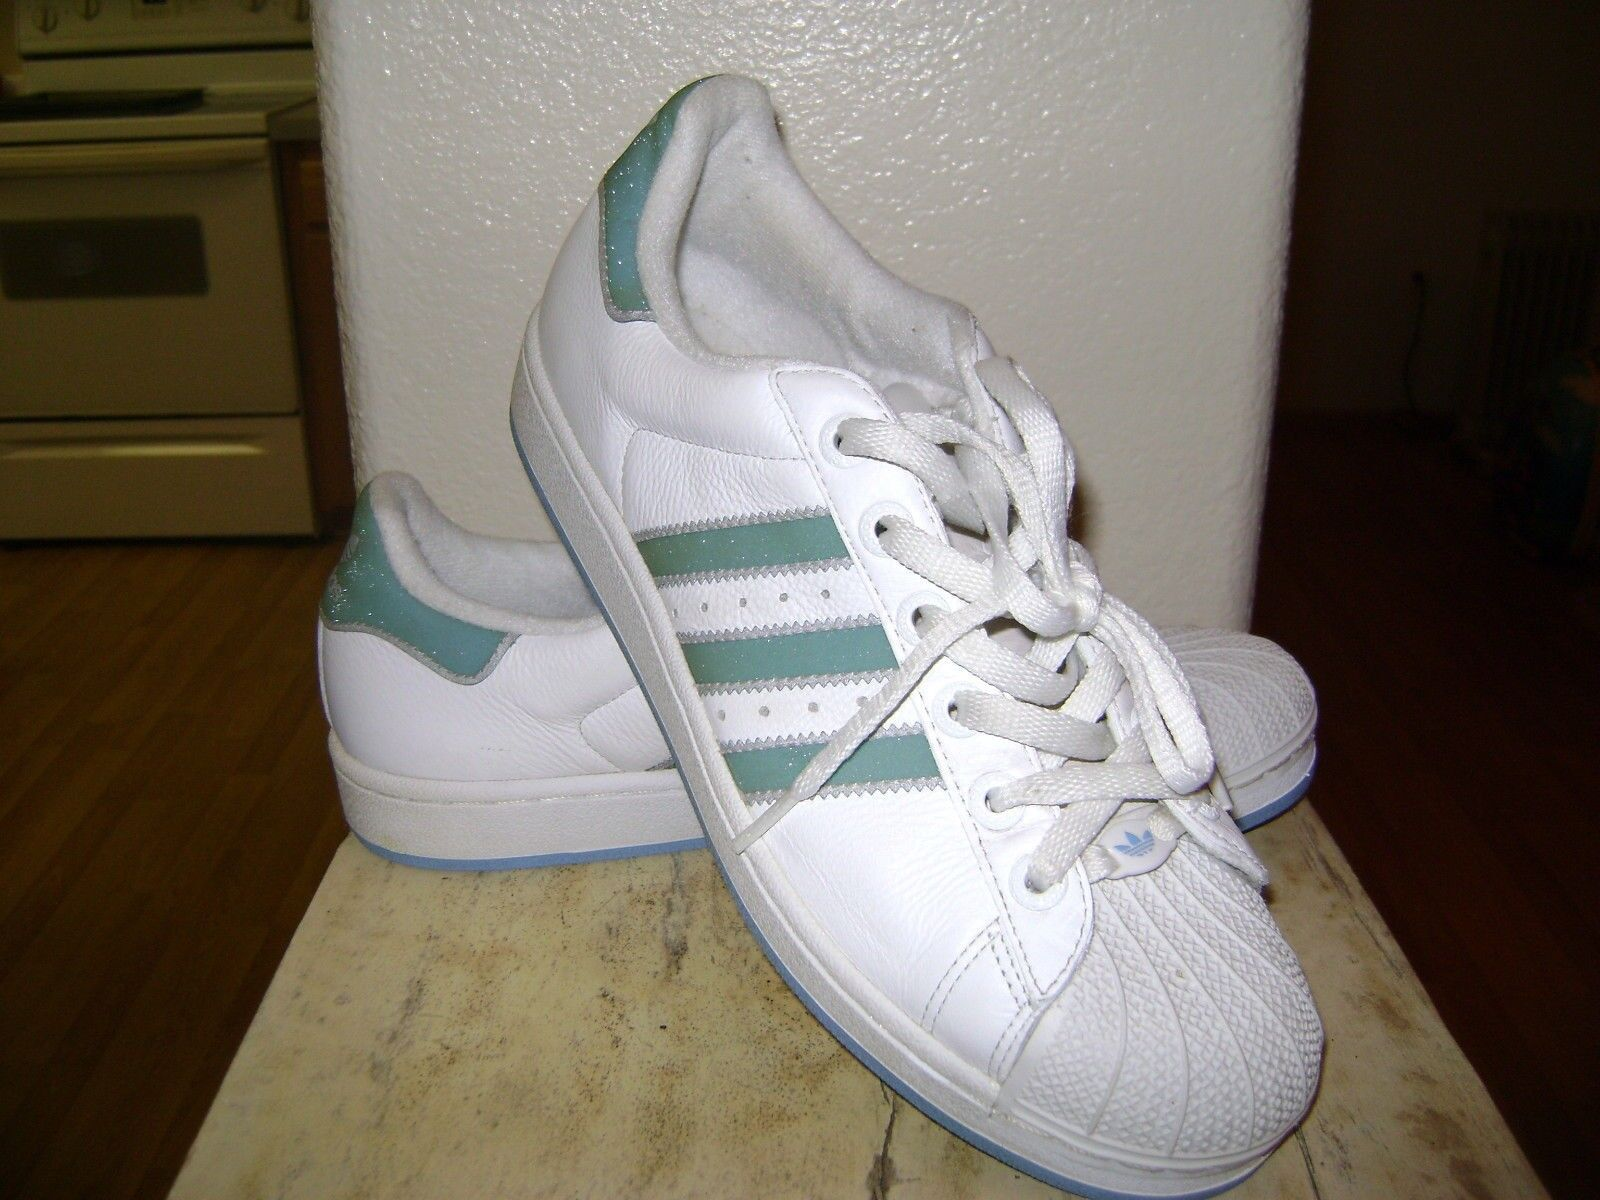 Zapatillas Adidas Originals Superstar para mujer Blanco / purpurina verde menta Zapatillas 9 1/2